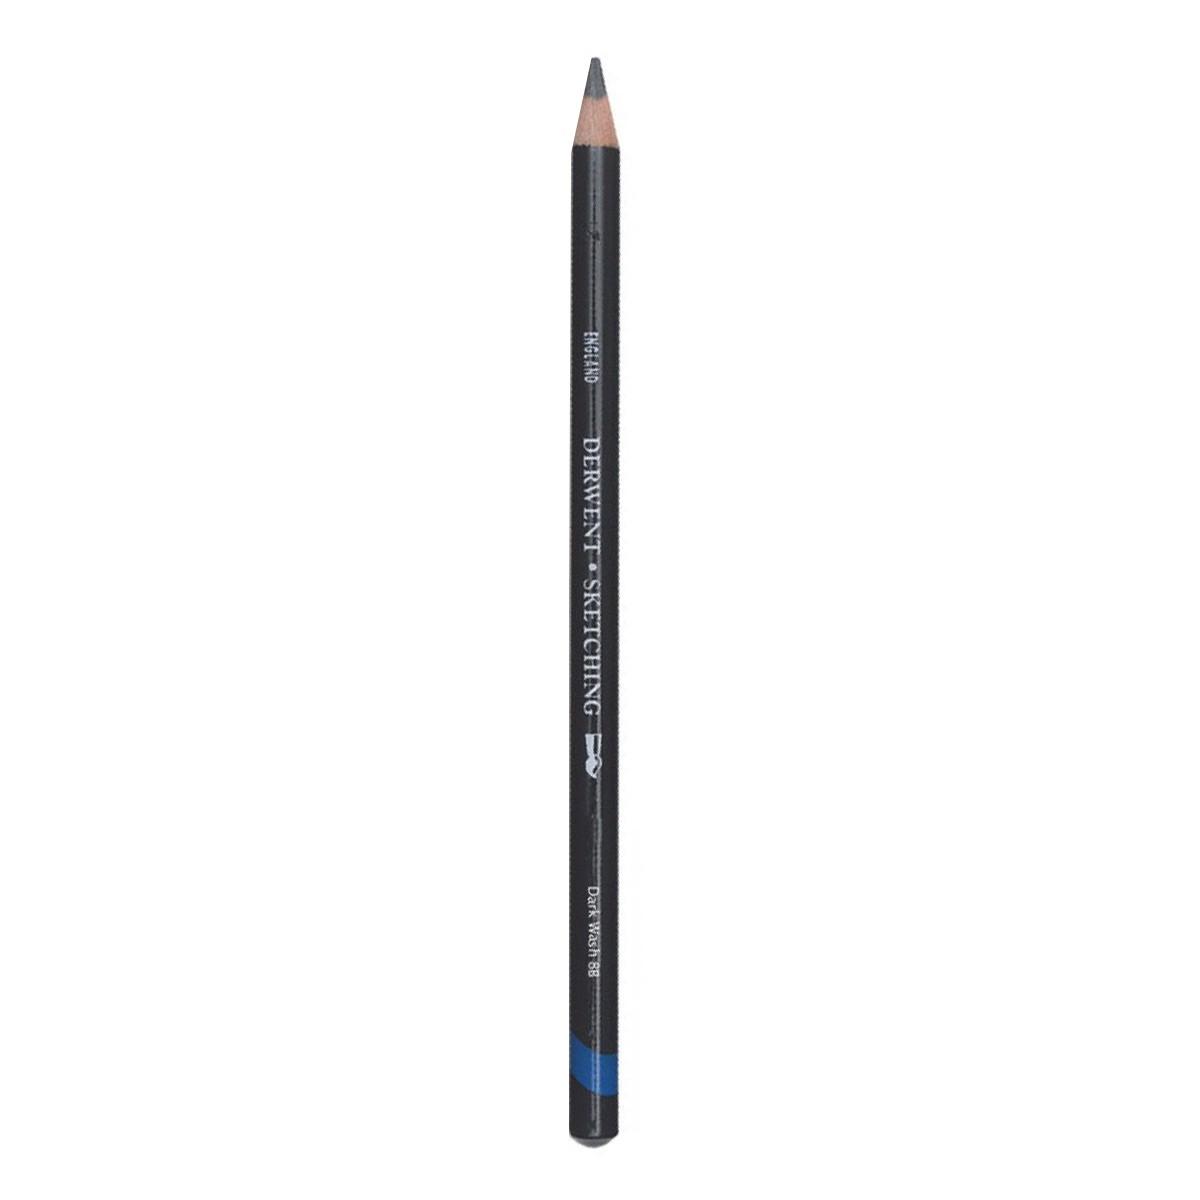 Derwent Akvarel grafit blyant 8B